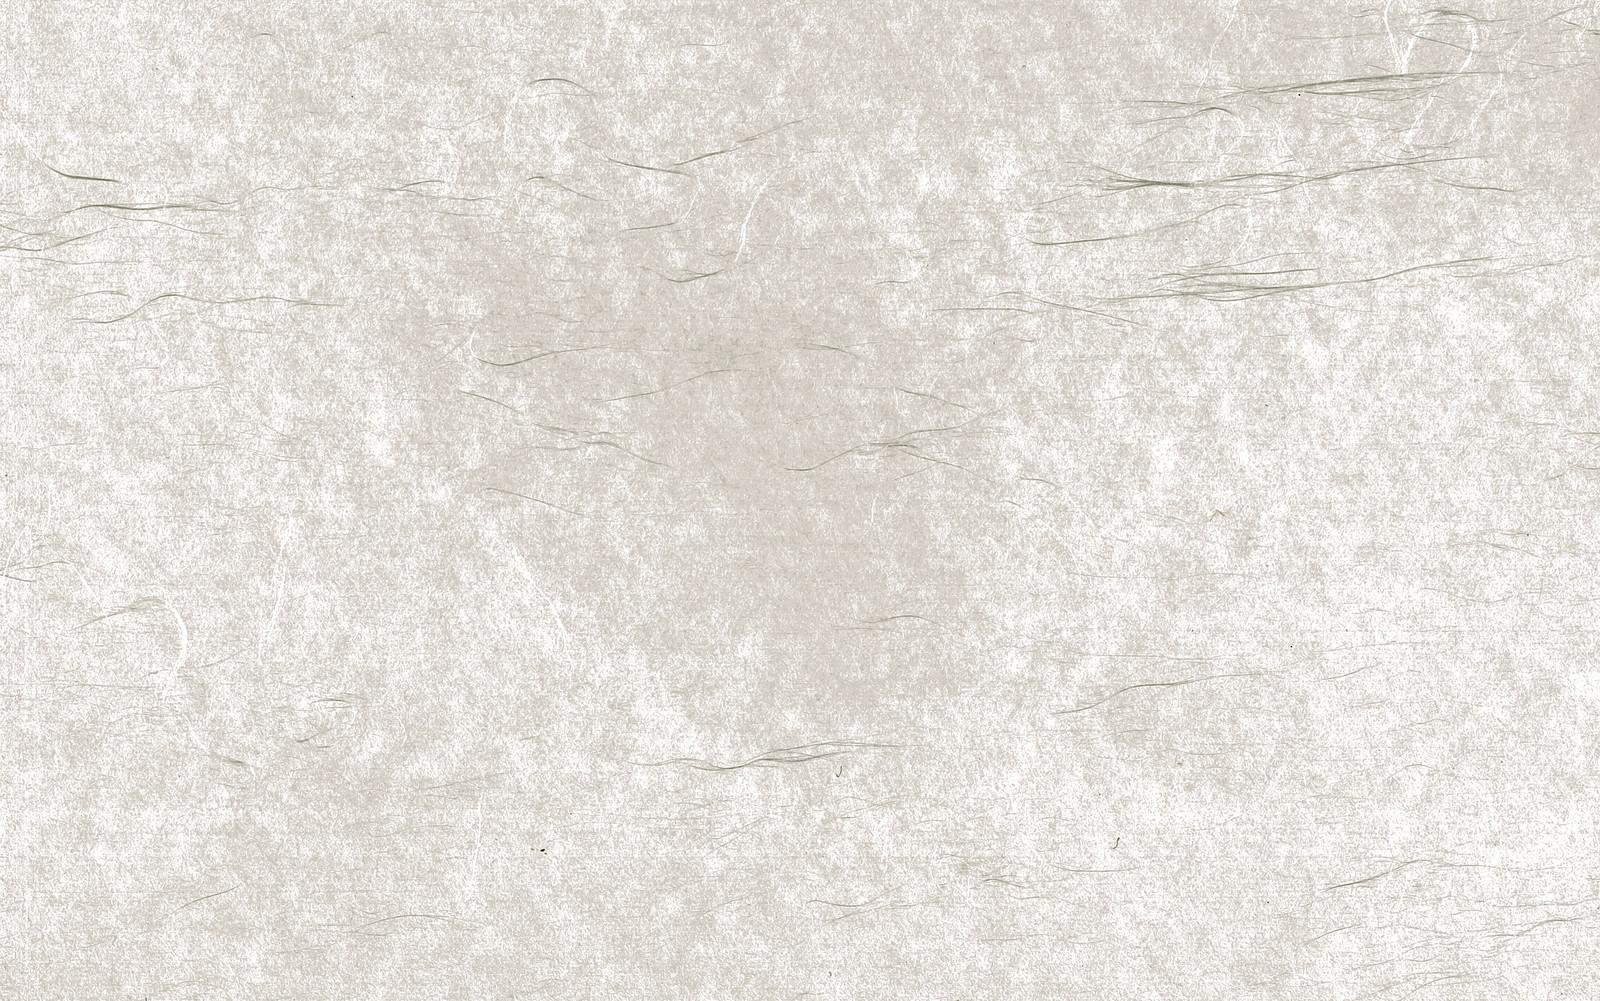 「細長い繊維の透けた和紙(テクスチャ)」の写真